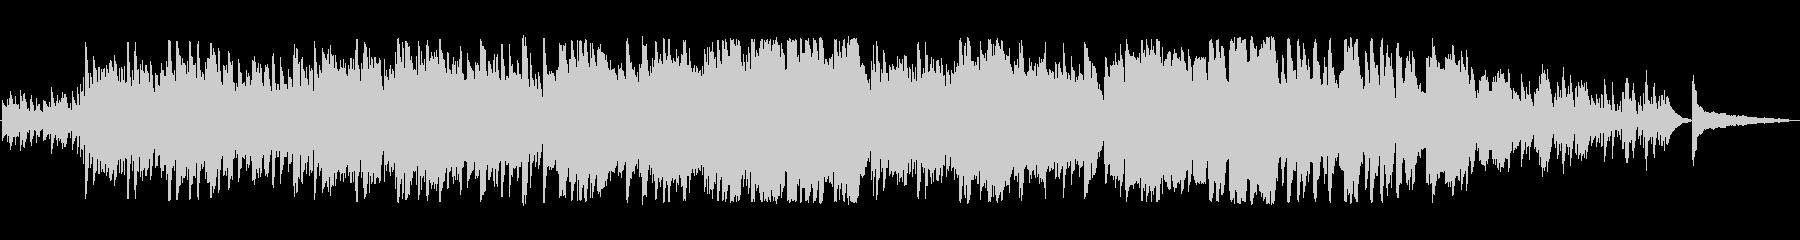 軽やかで澄んだ音色のピアノの旋律の未再生の波形